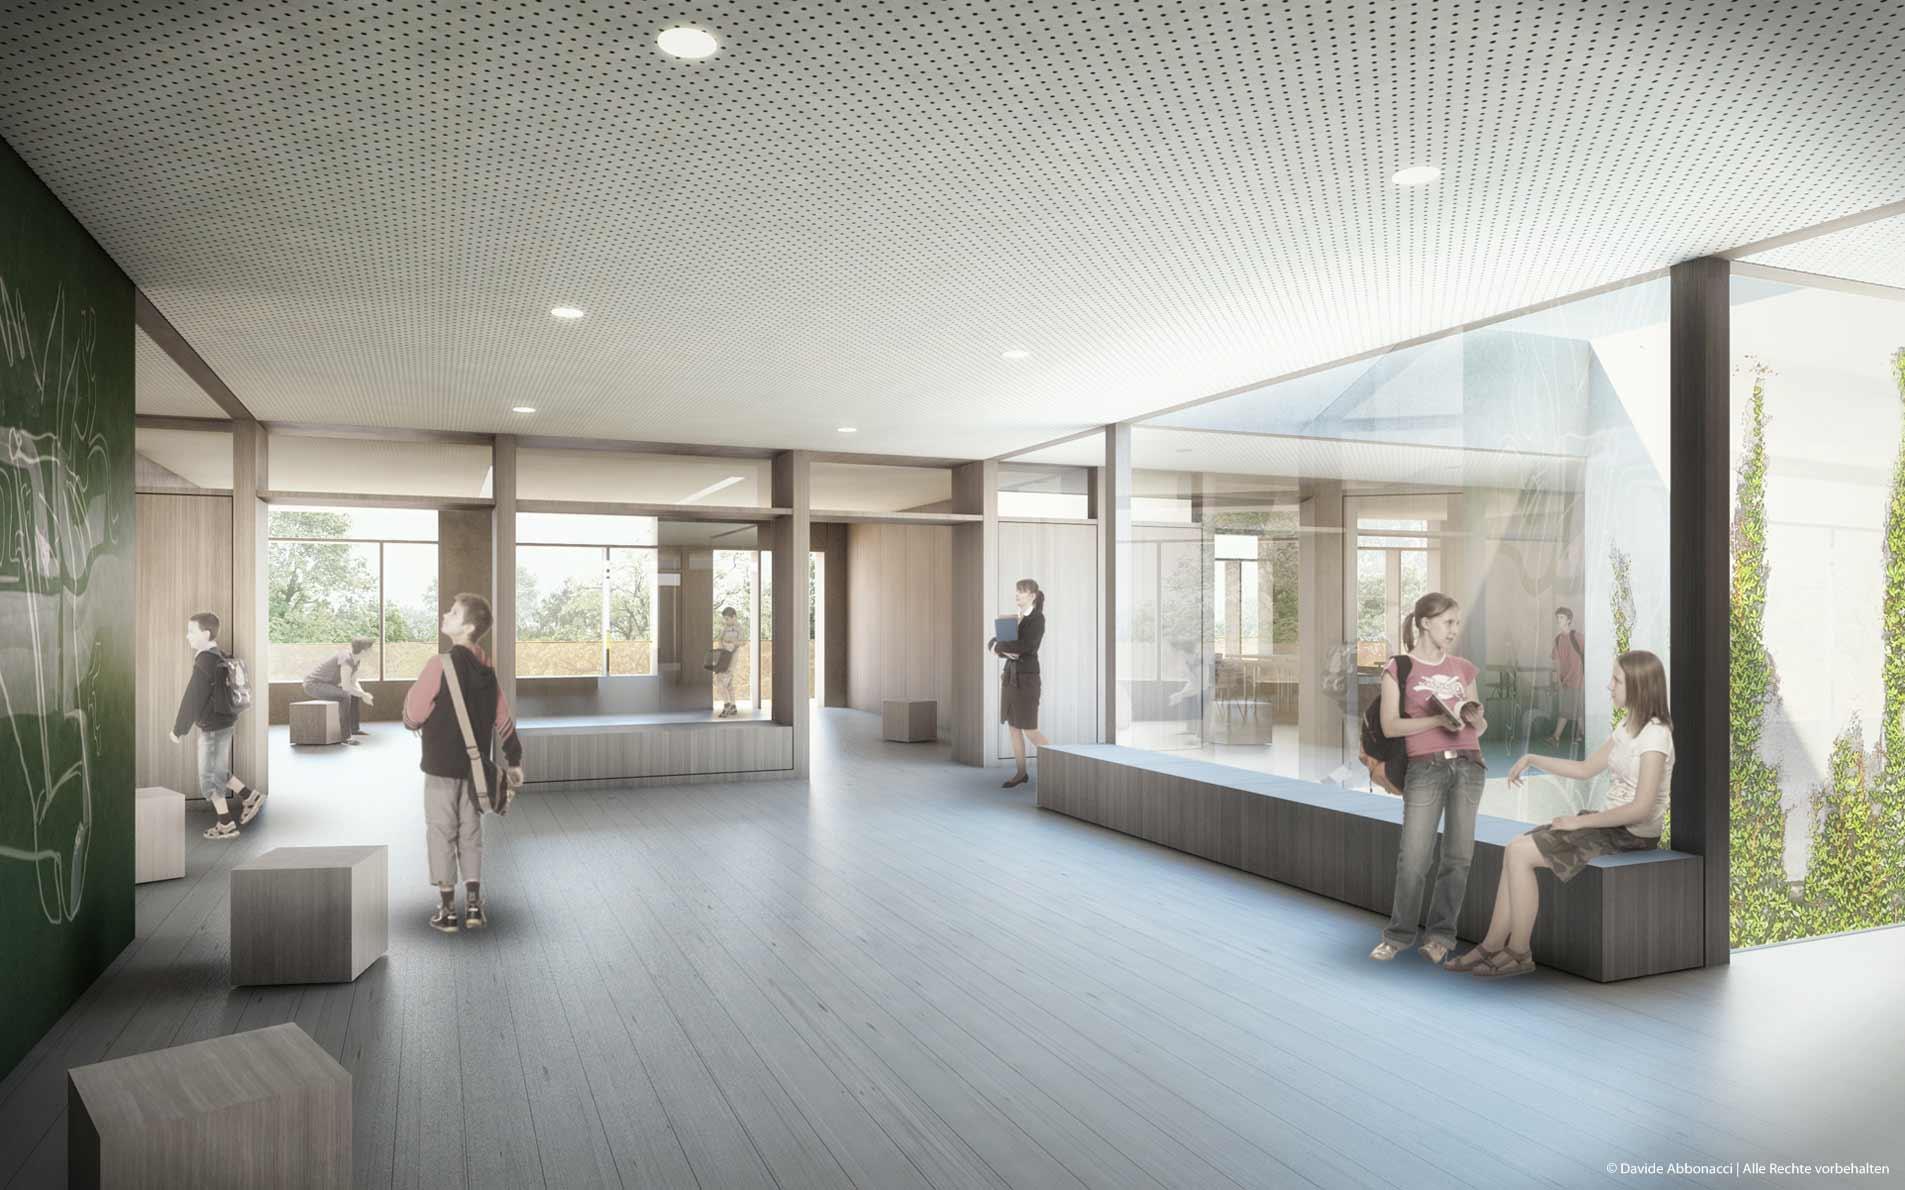 Vier Grundschulen in modularer Bauweise, München | Numrich Albrecht Klumpp Architekten | 2013 Wettbewerbsvisualisierung | 3. Preis